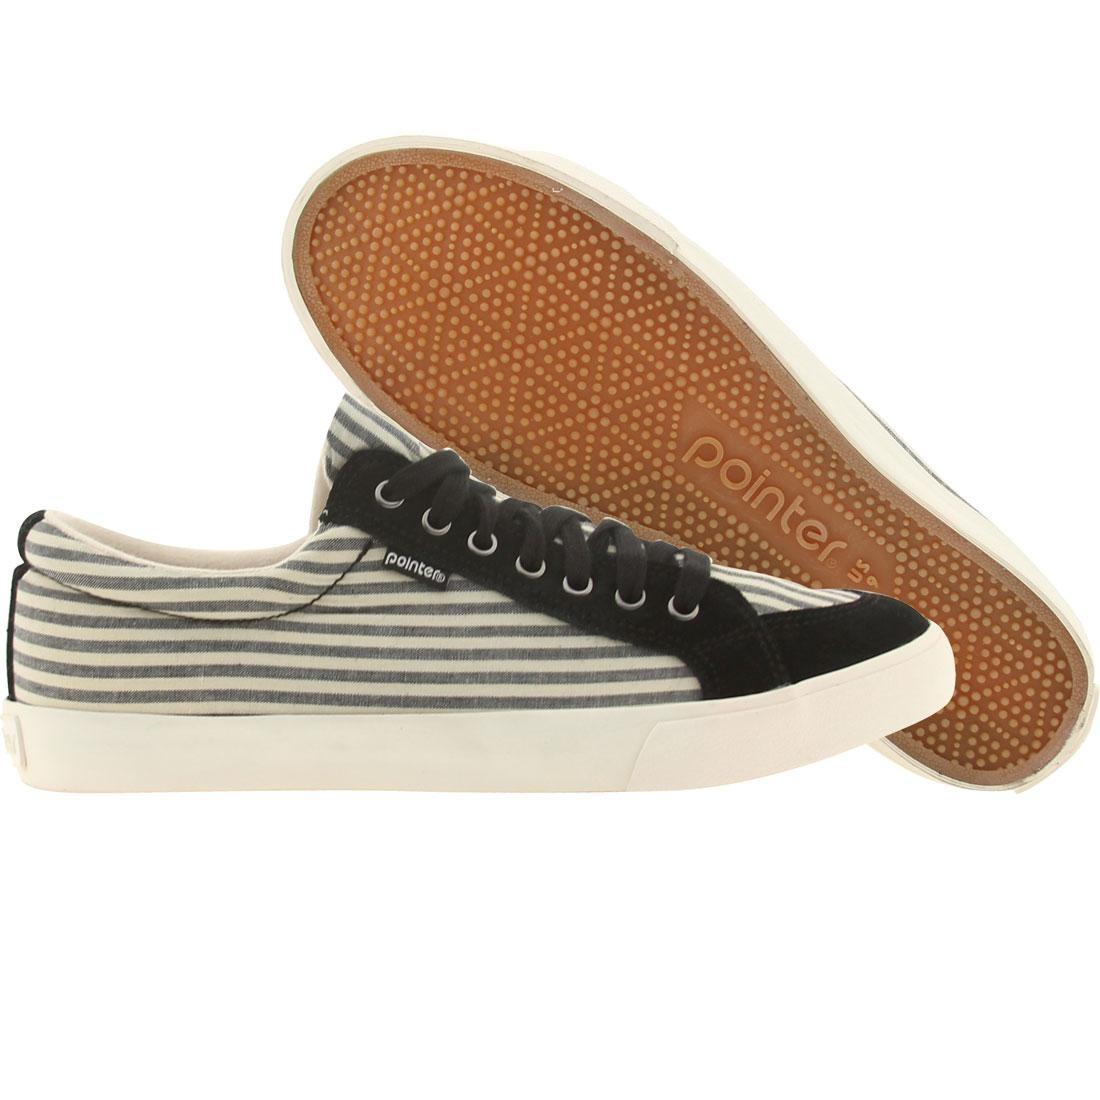 【海外限定】ナチュラル メンズ靴 スニーカー 【 POINTER SEEKER IV BLACK NATURAL STRIPES 】